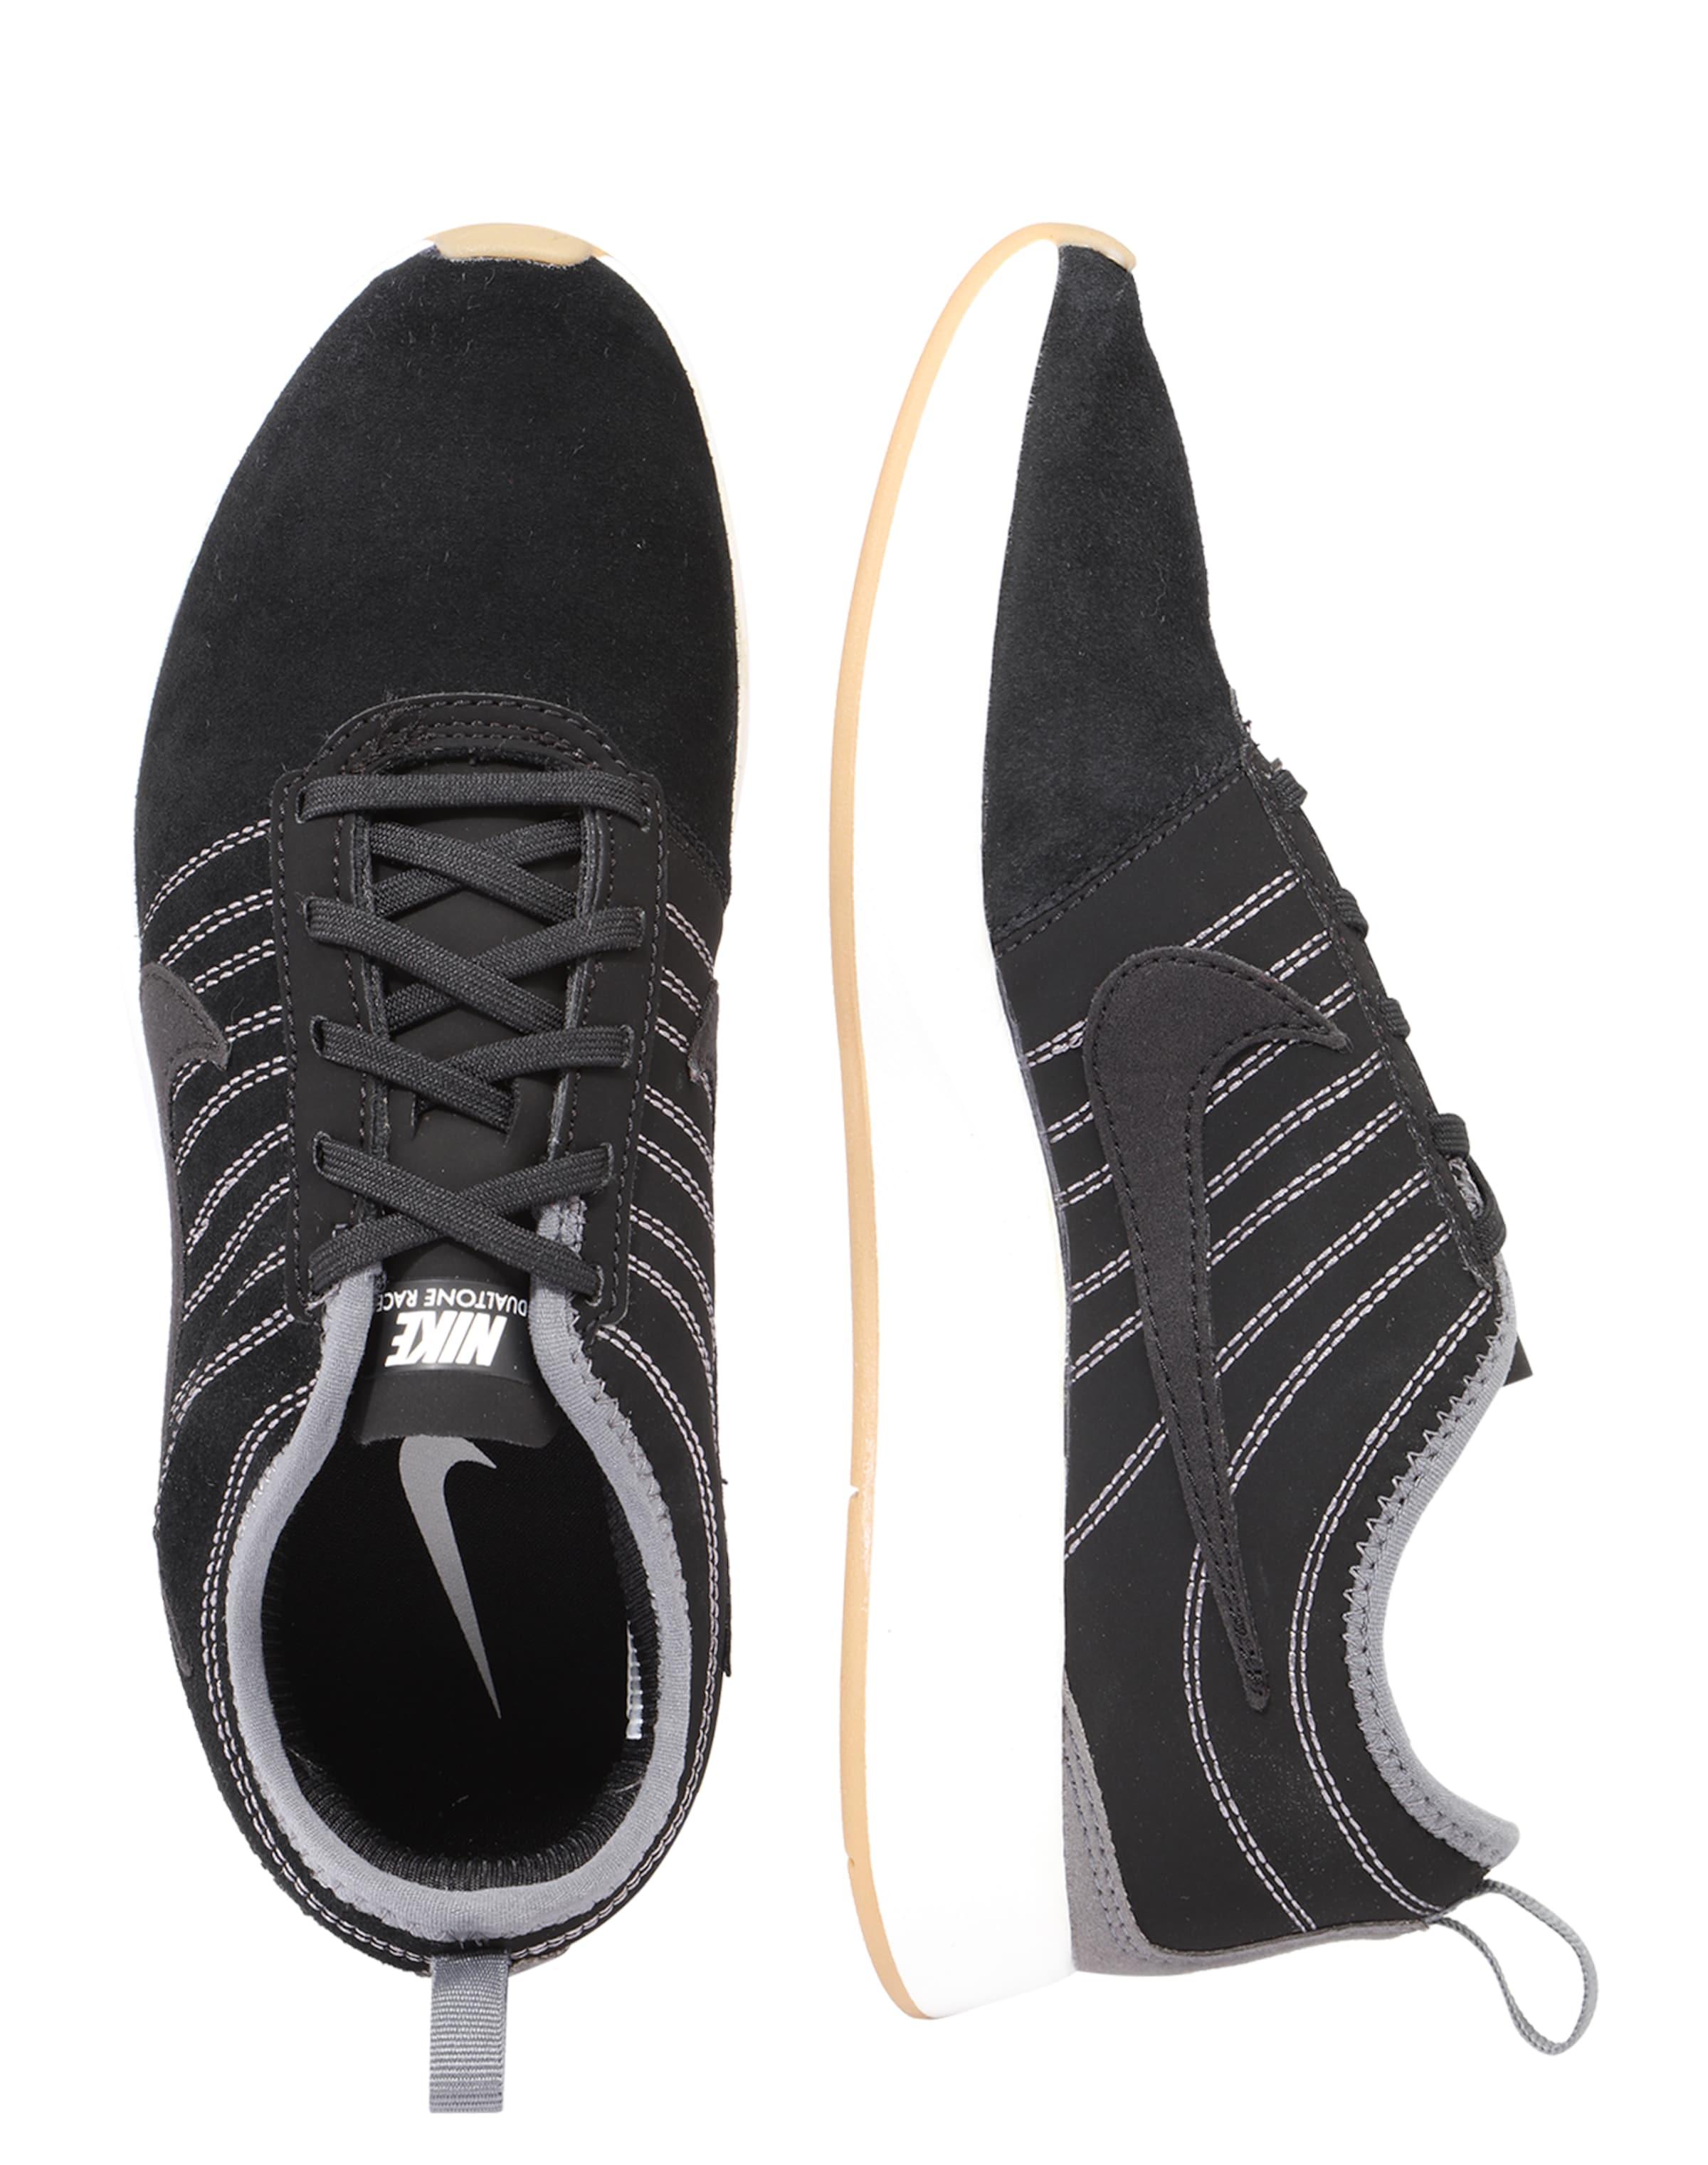 Nike Sportswear Sneaker 'Dualtone Racer' Kaufen Outlet-Store Online-Verkauf KPZ9Xgf